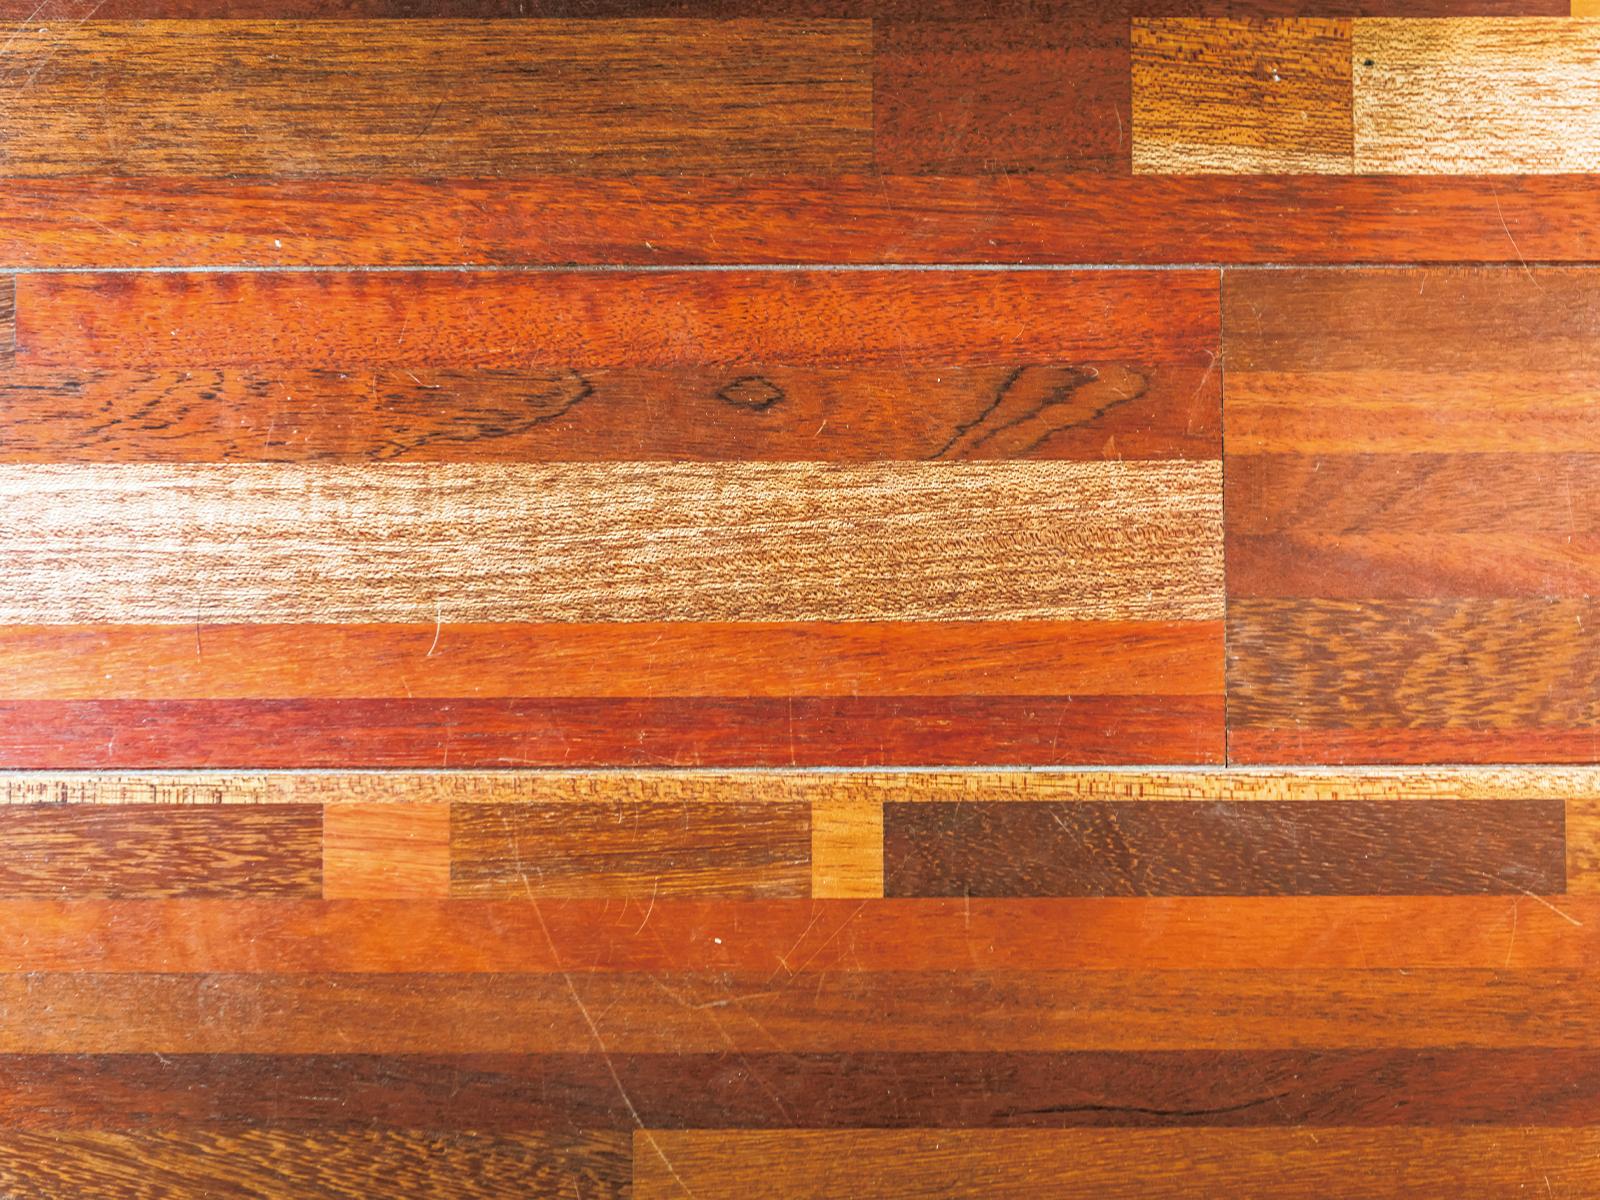 CIRCLのフロアには取り壊された修道院やレストラン、バーから回収された木材が使用された。さまざまな場所から集められた色違いの木材でおしゃれな床に仕上がっている。